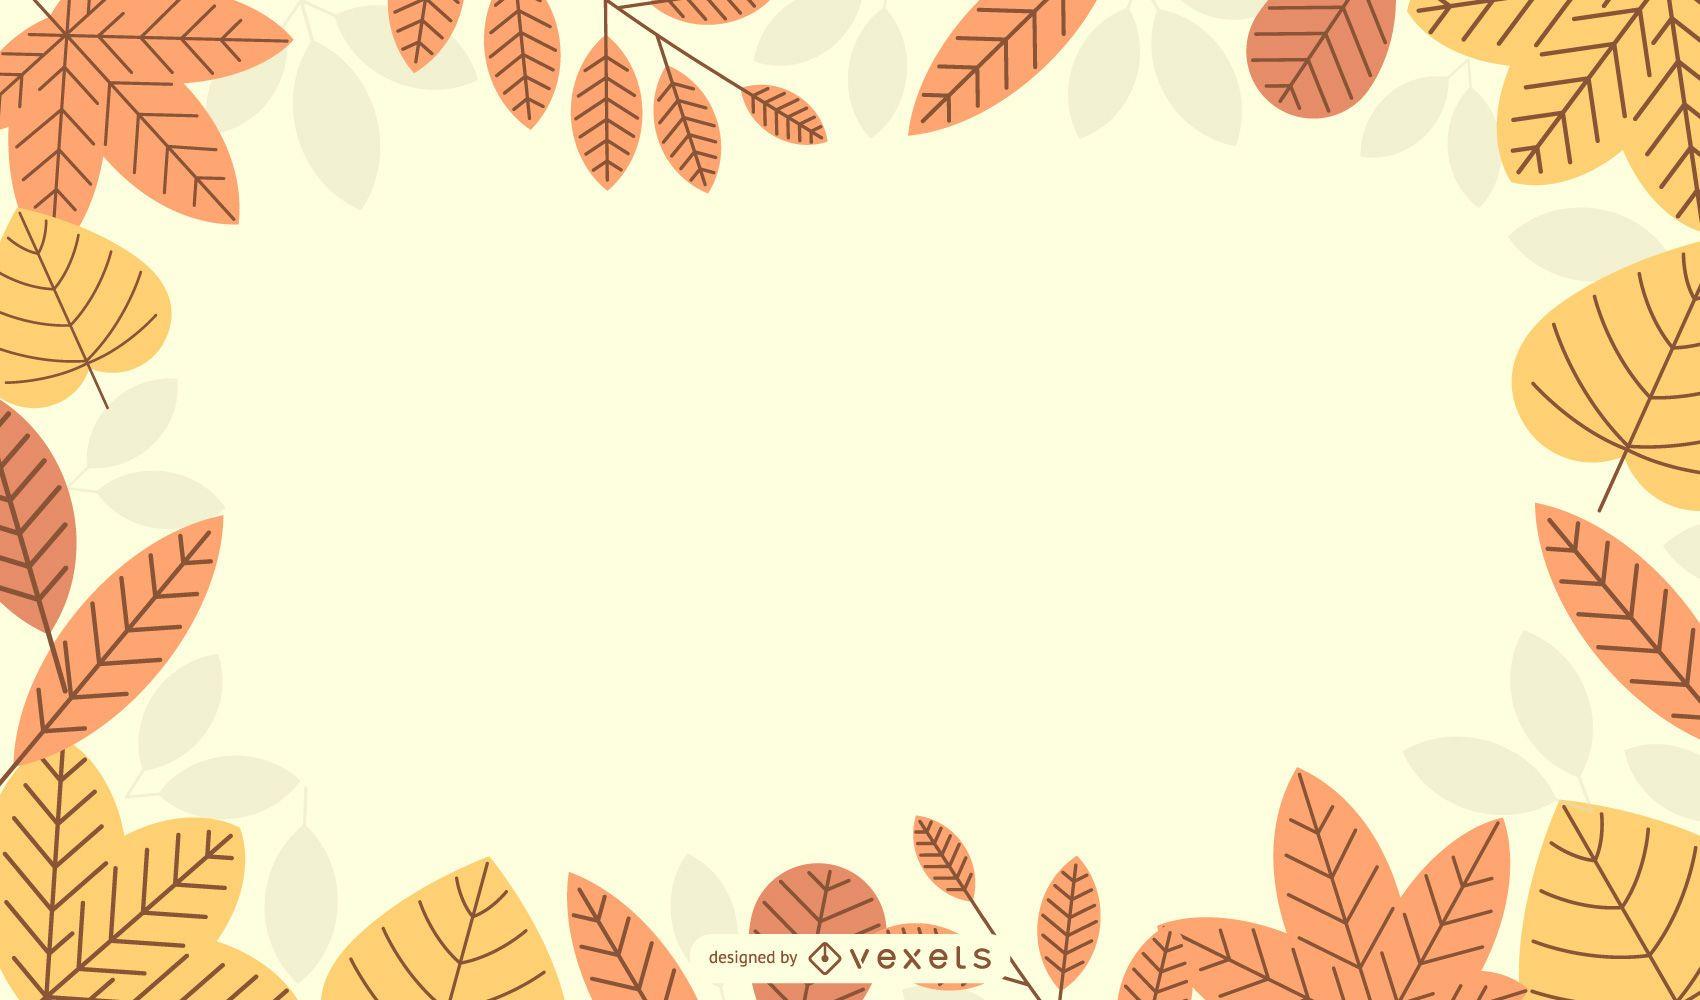 Autumn Seasonal Background Design